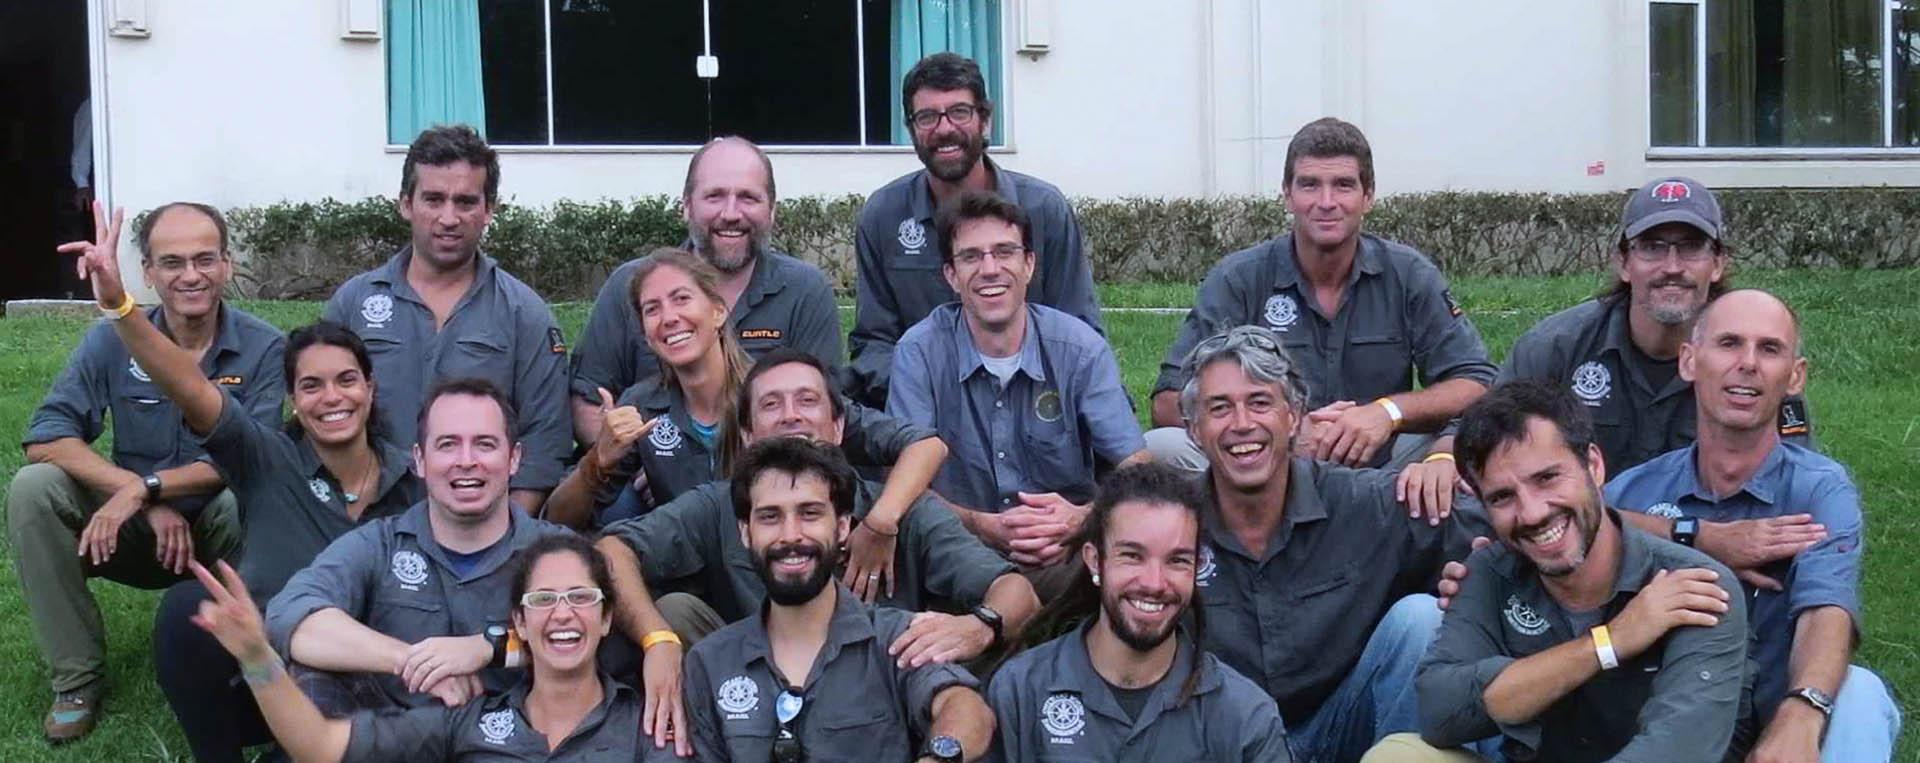 Equipe Outward Bound Brasil